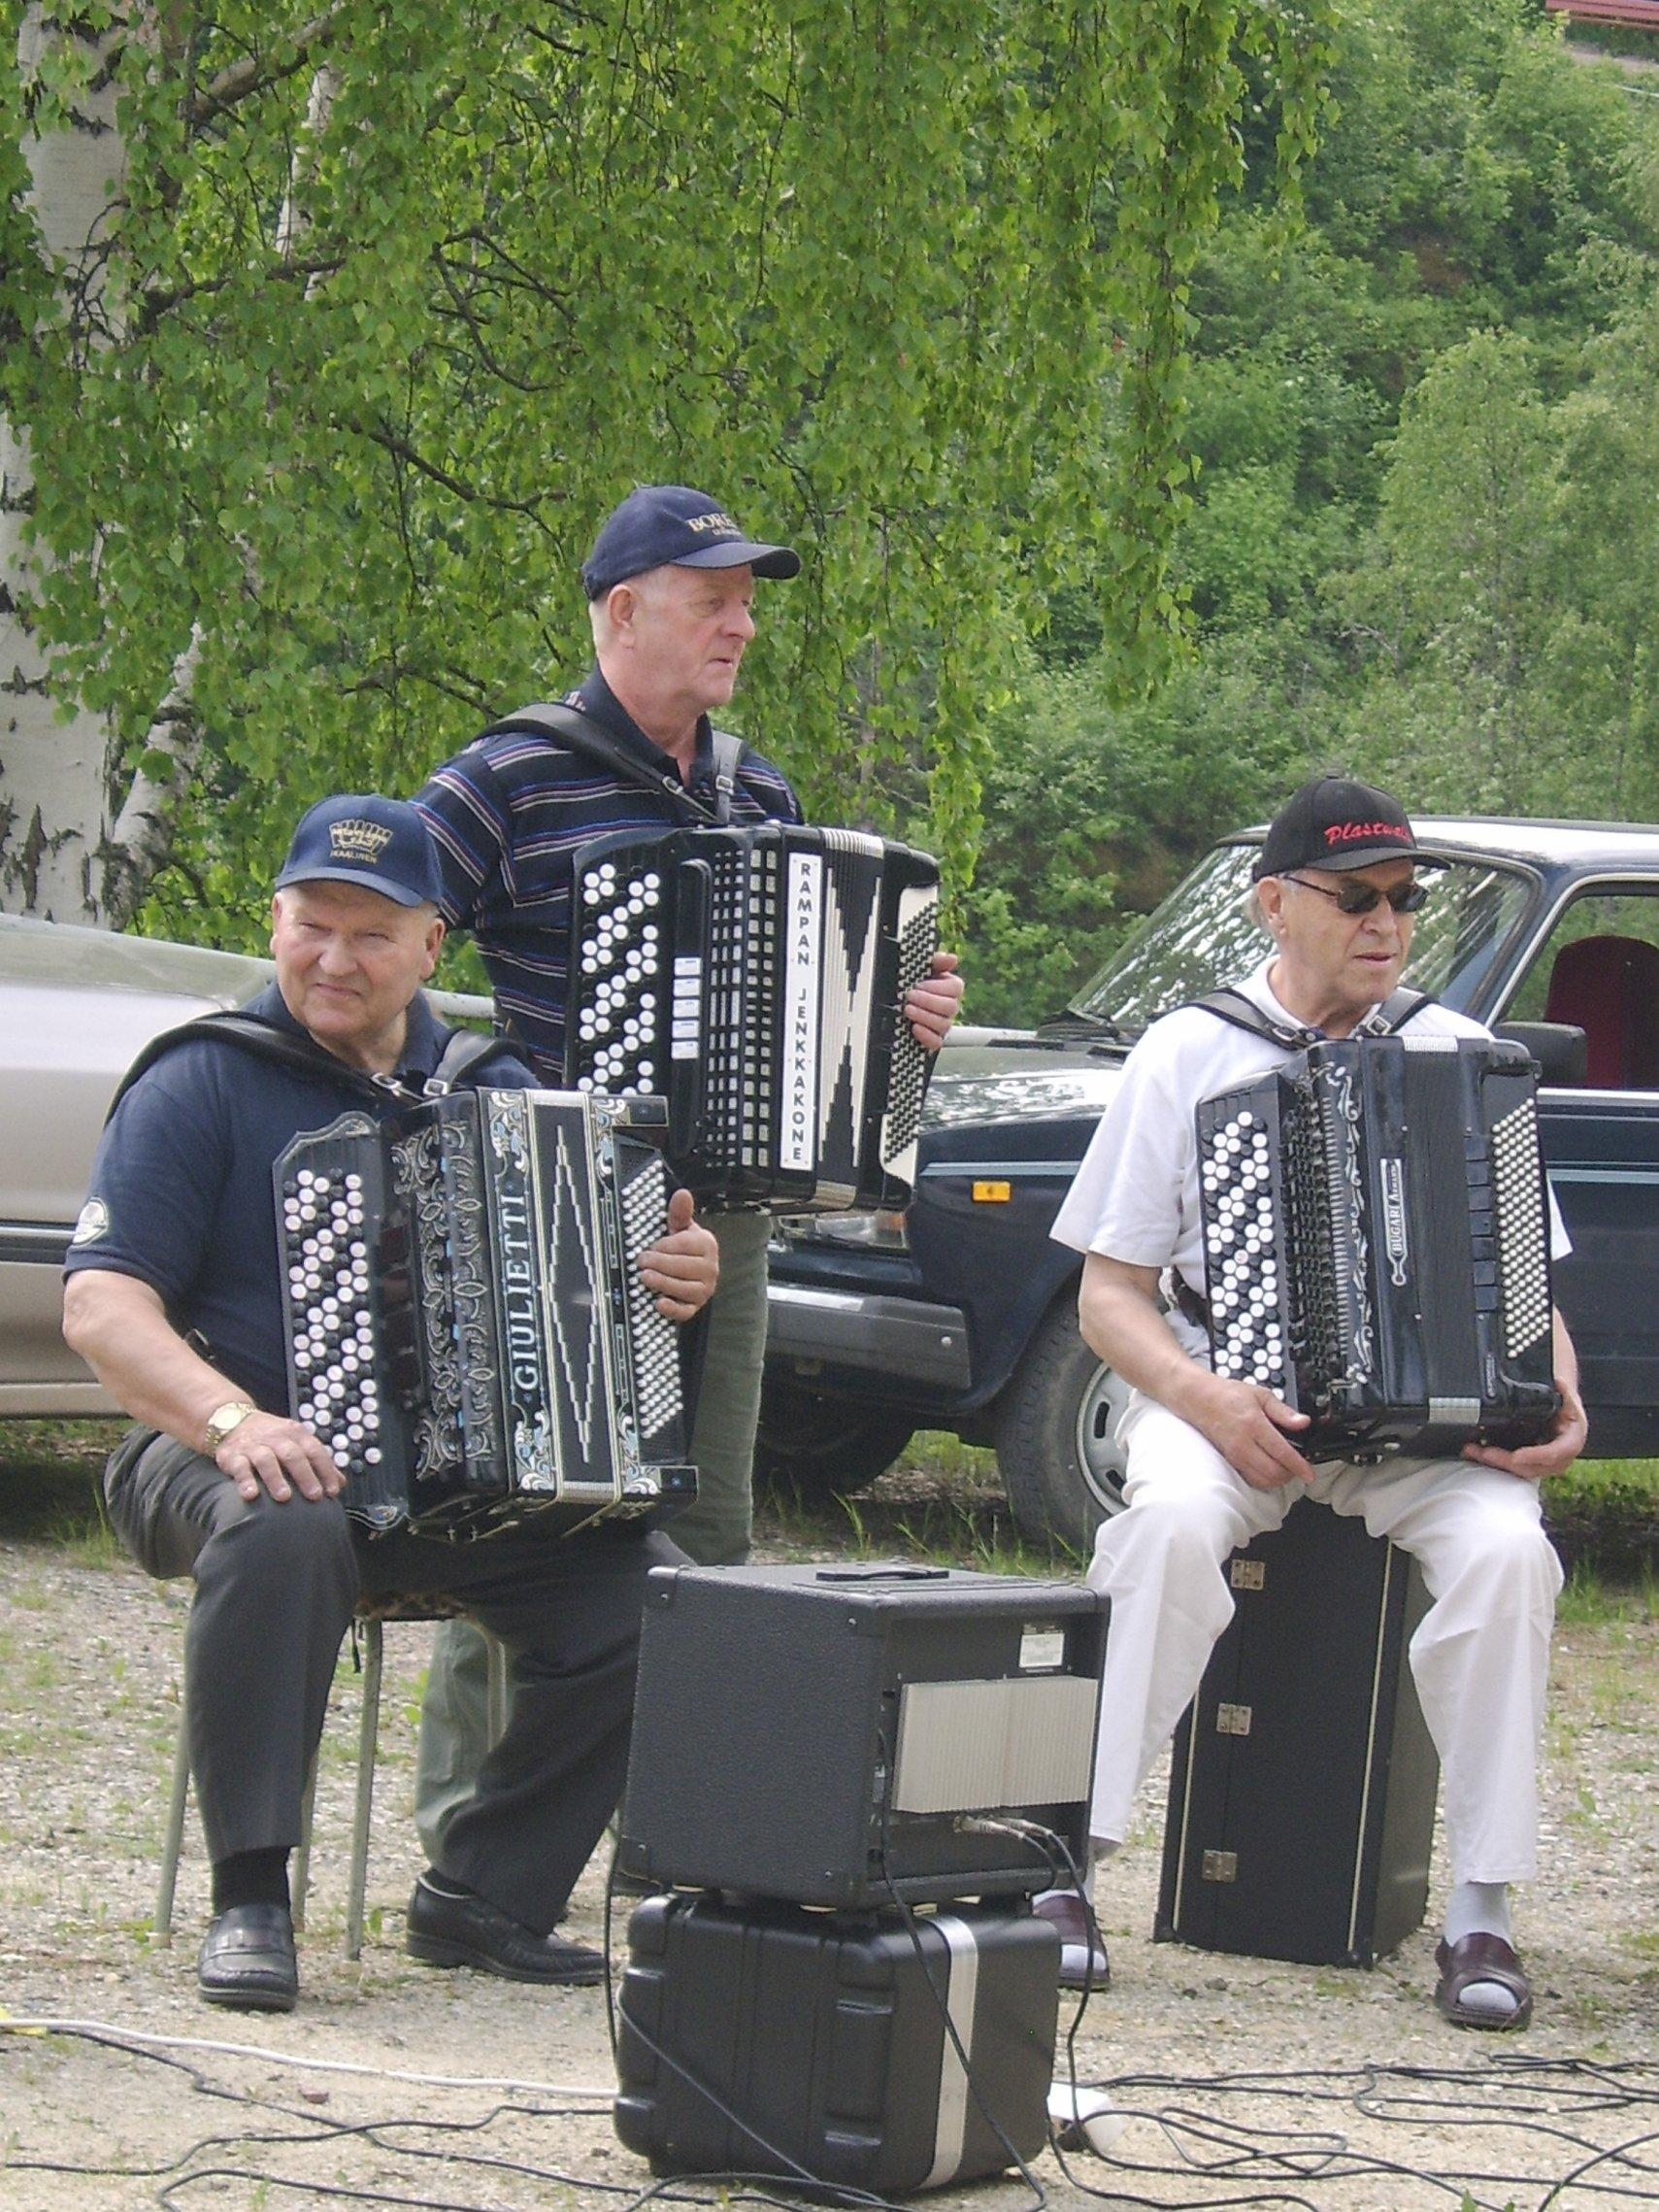 Tervansoutunäytöksen pelimanneja Sulo, Raimo ja Pertti